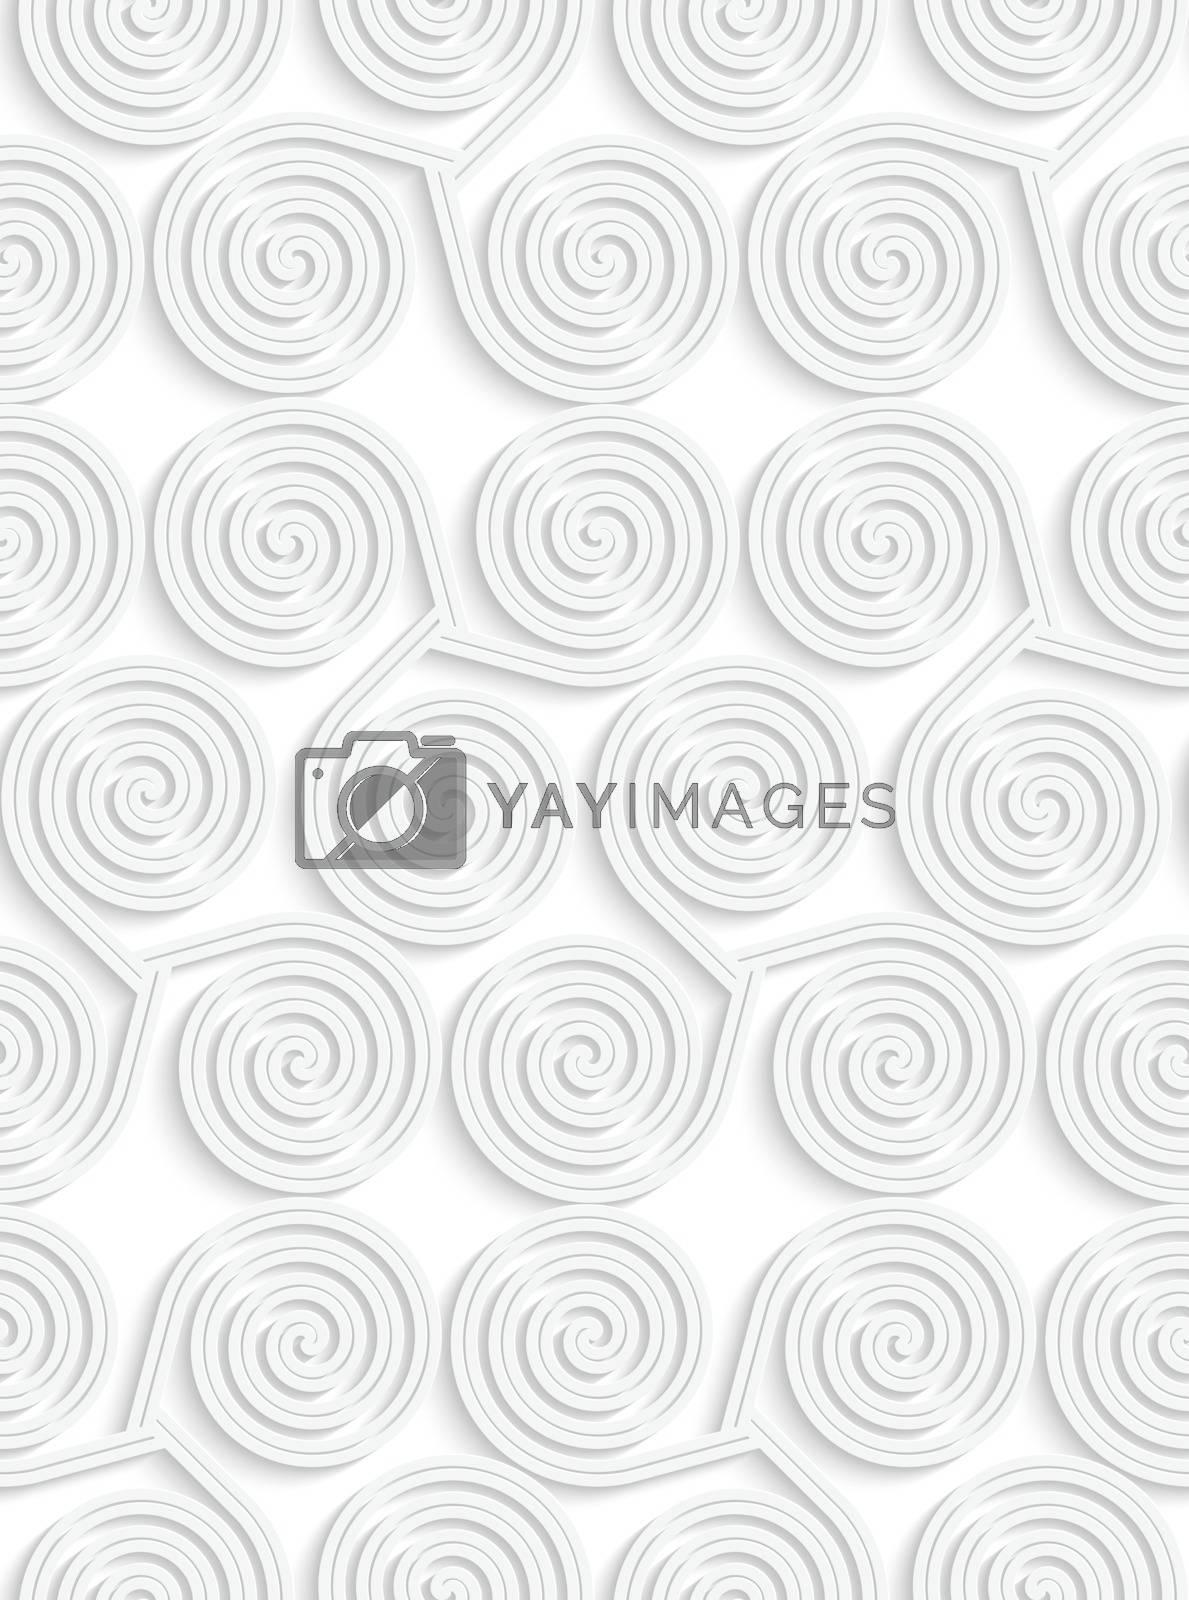 White paper 3D three spirals by Zebra-Finch